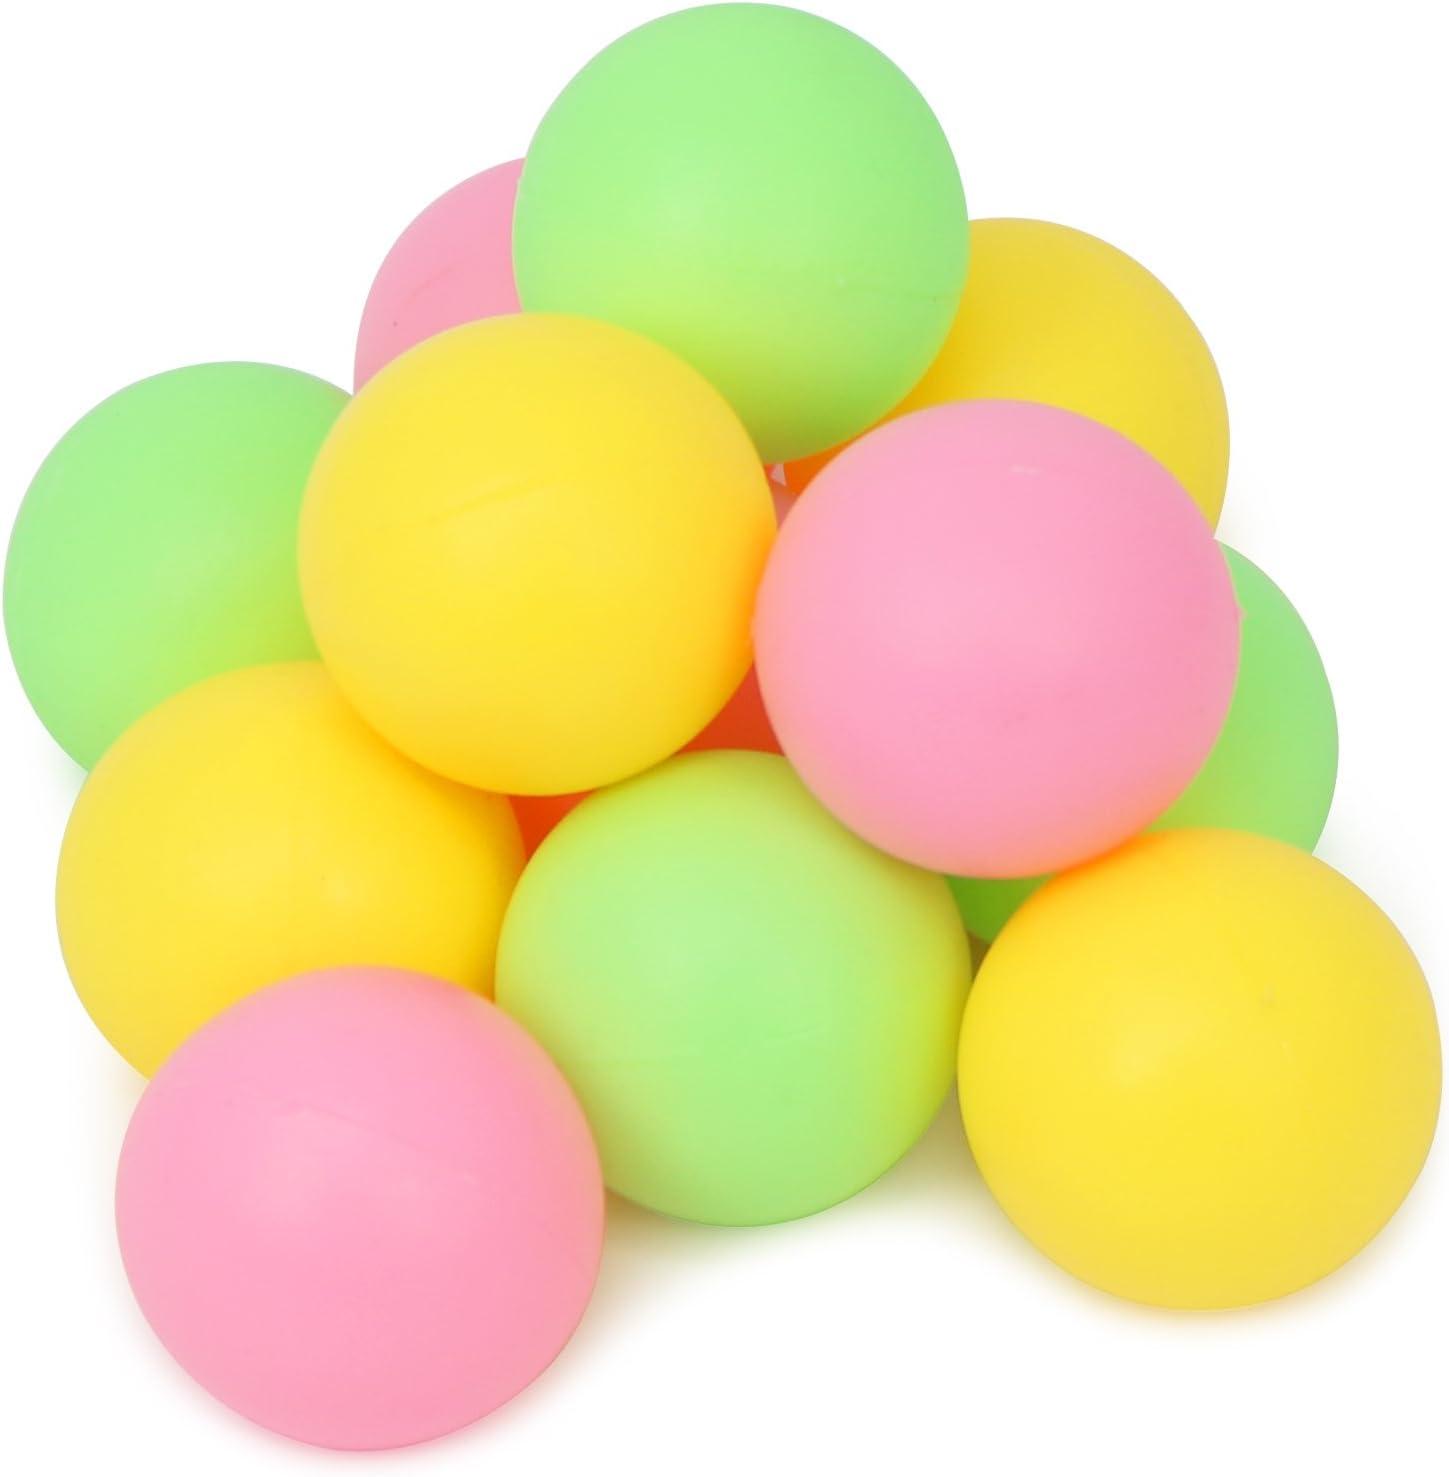 com-four/® 6-piece beach ball set 06-piece mix beach ball rackets made of wood and rubber balls in